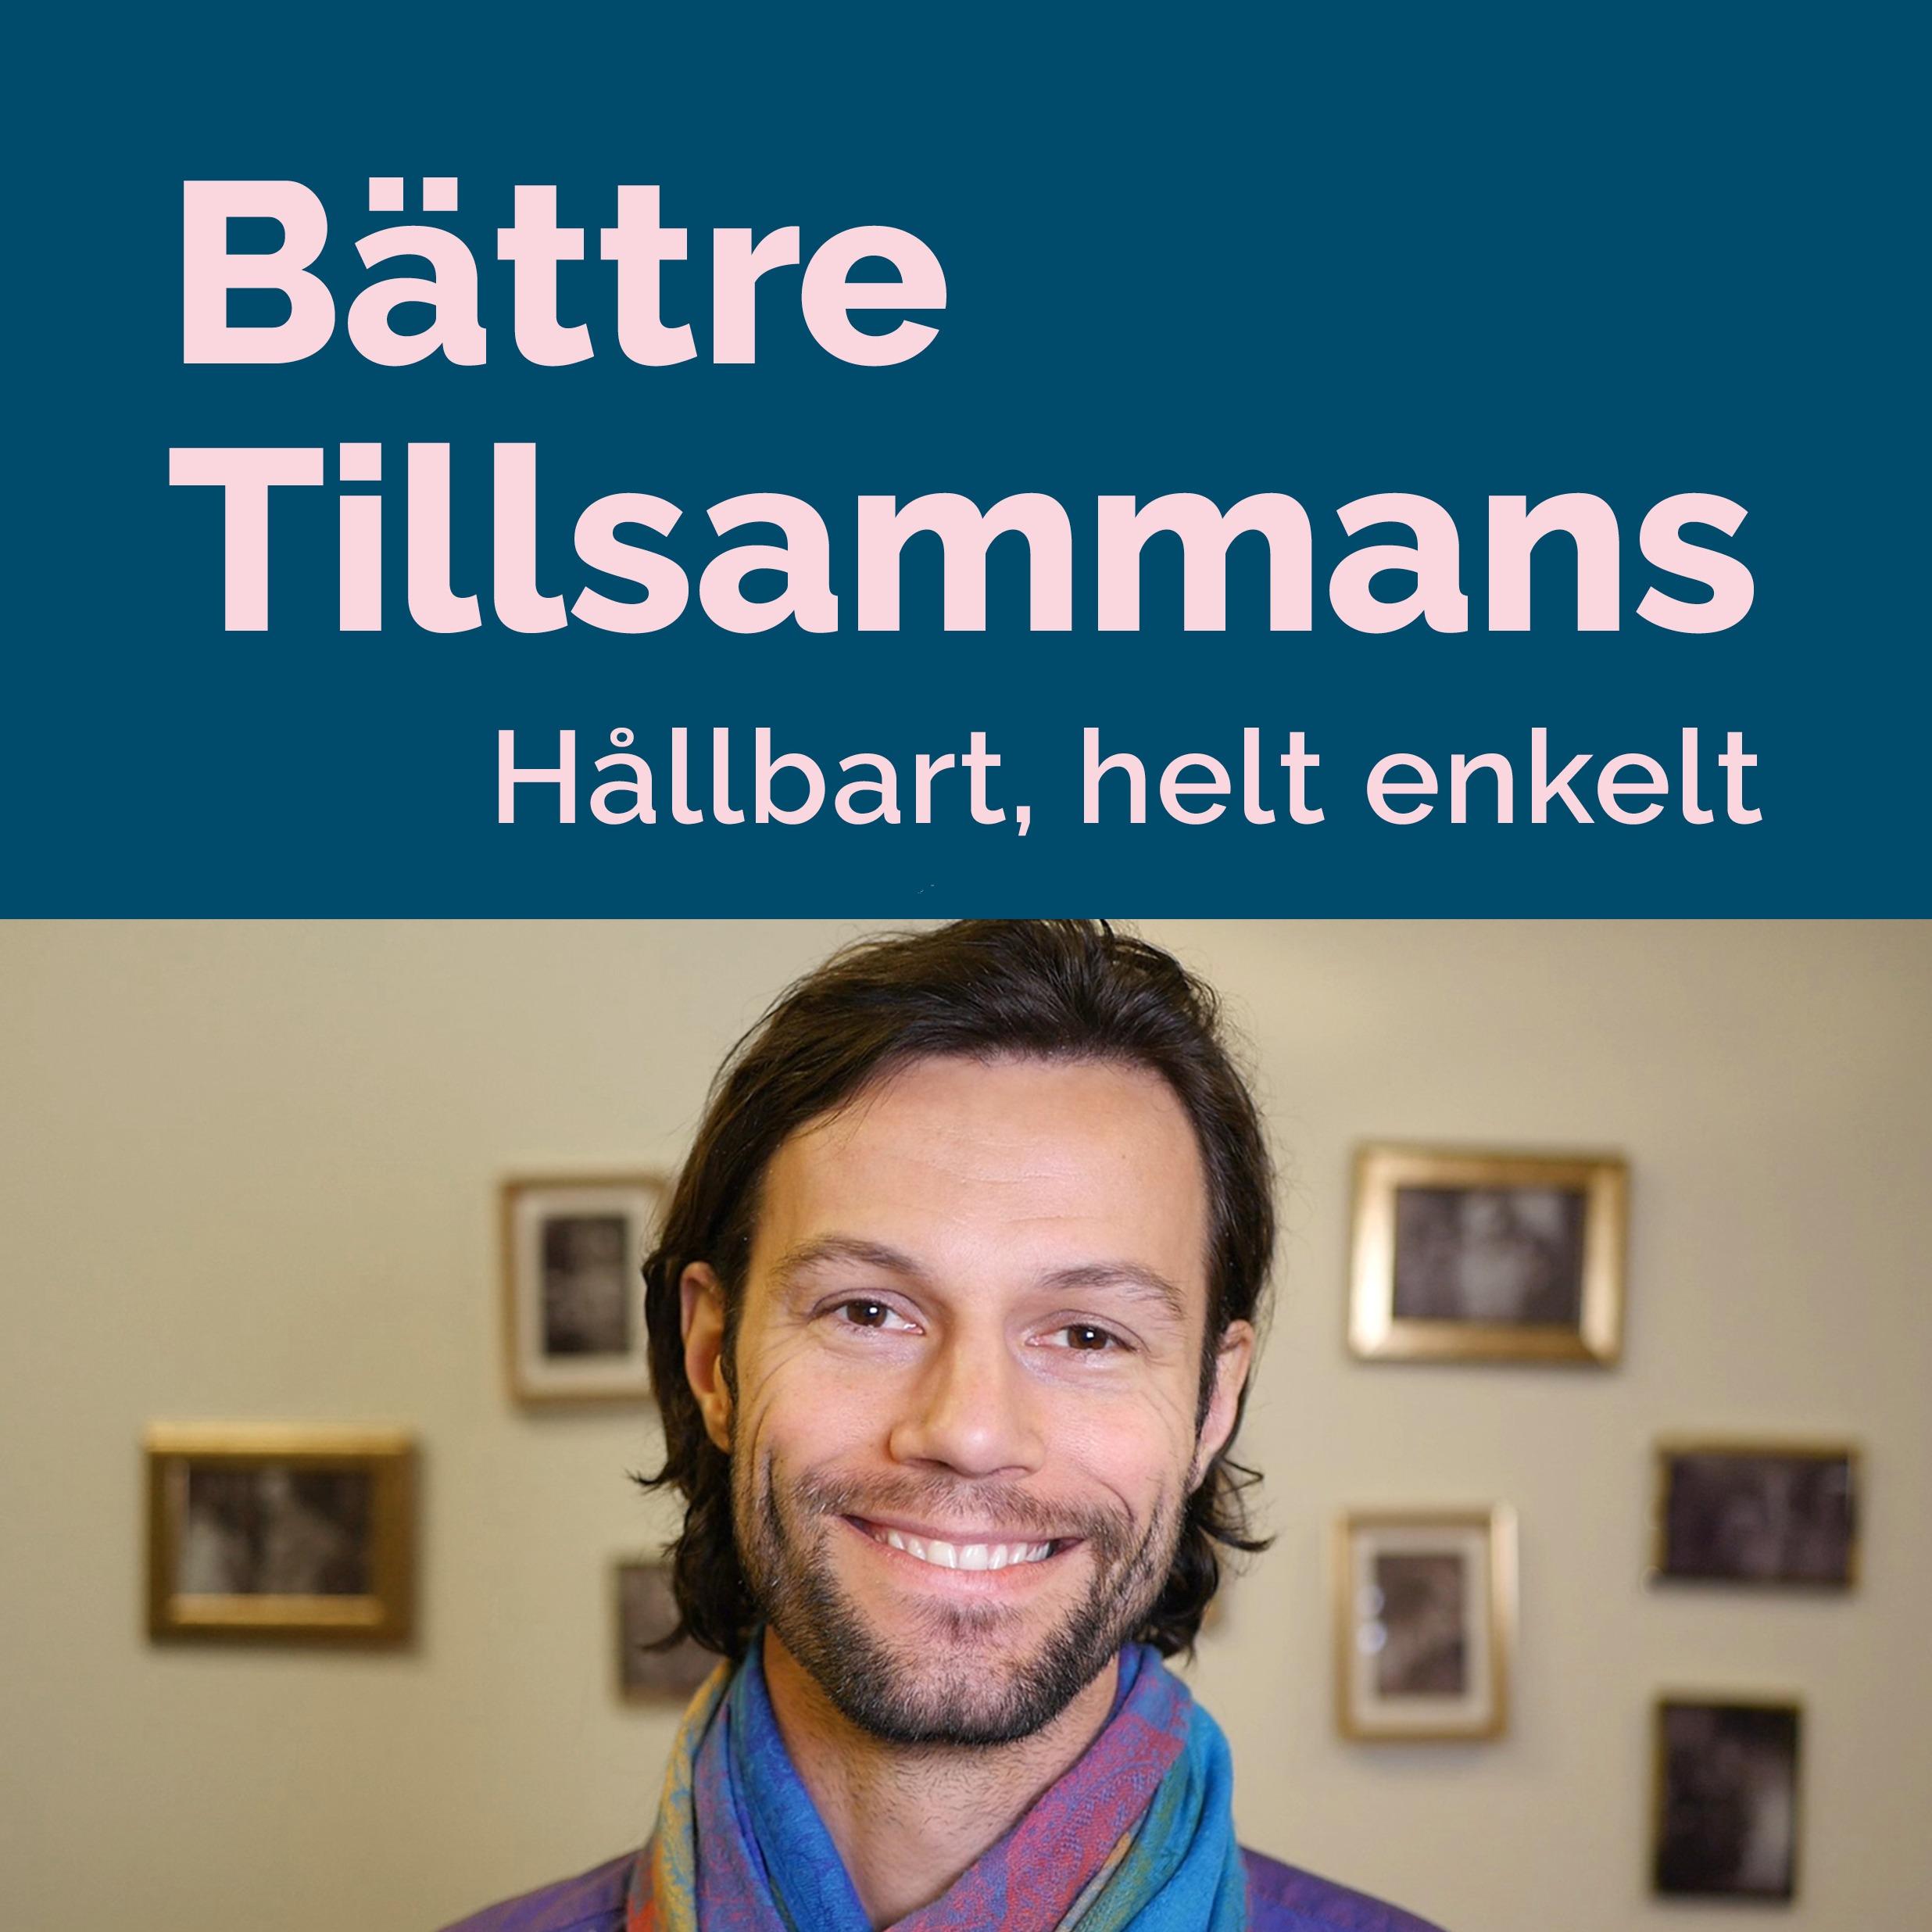 9. Futuristen Gustaf Josefsson Tadaa